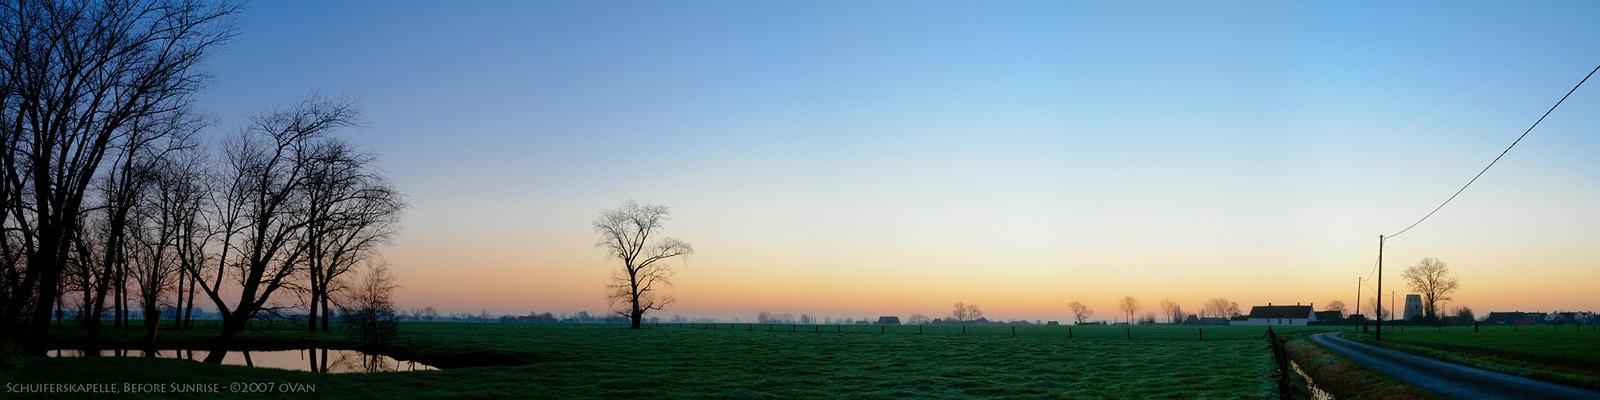 Schuiferskapelle, Before Sunrise